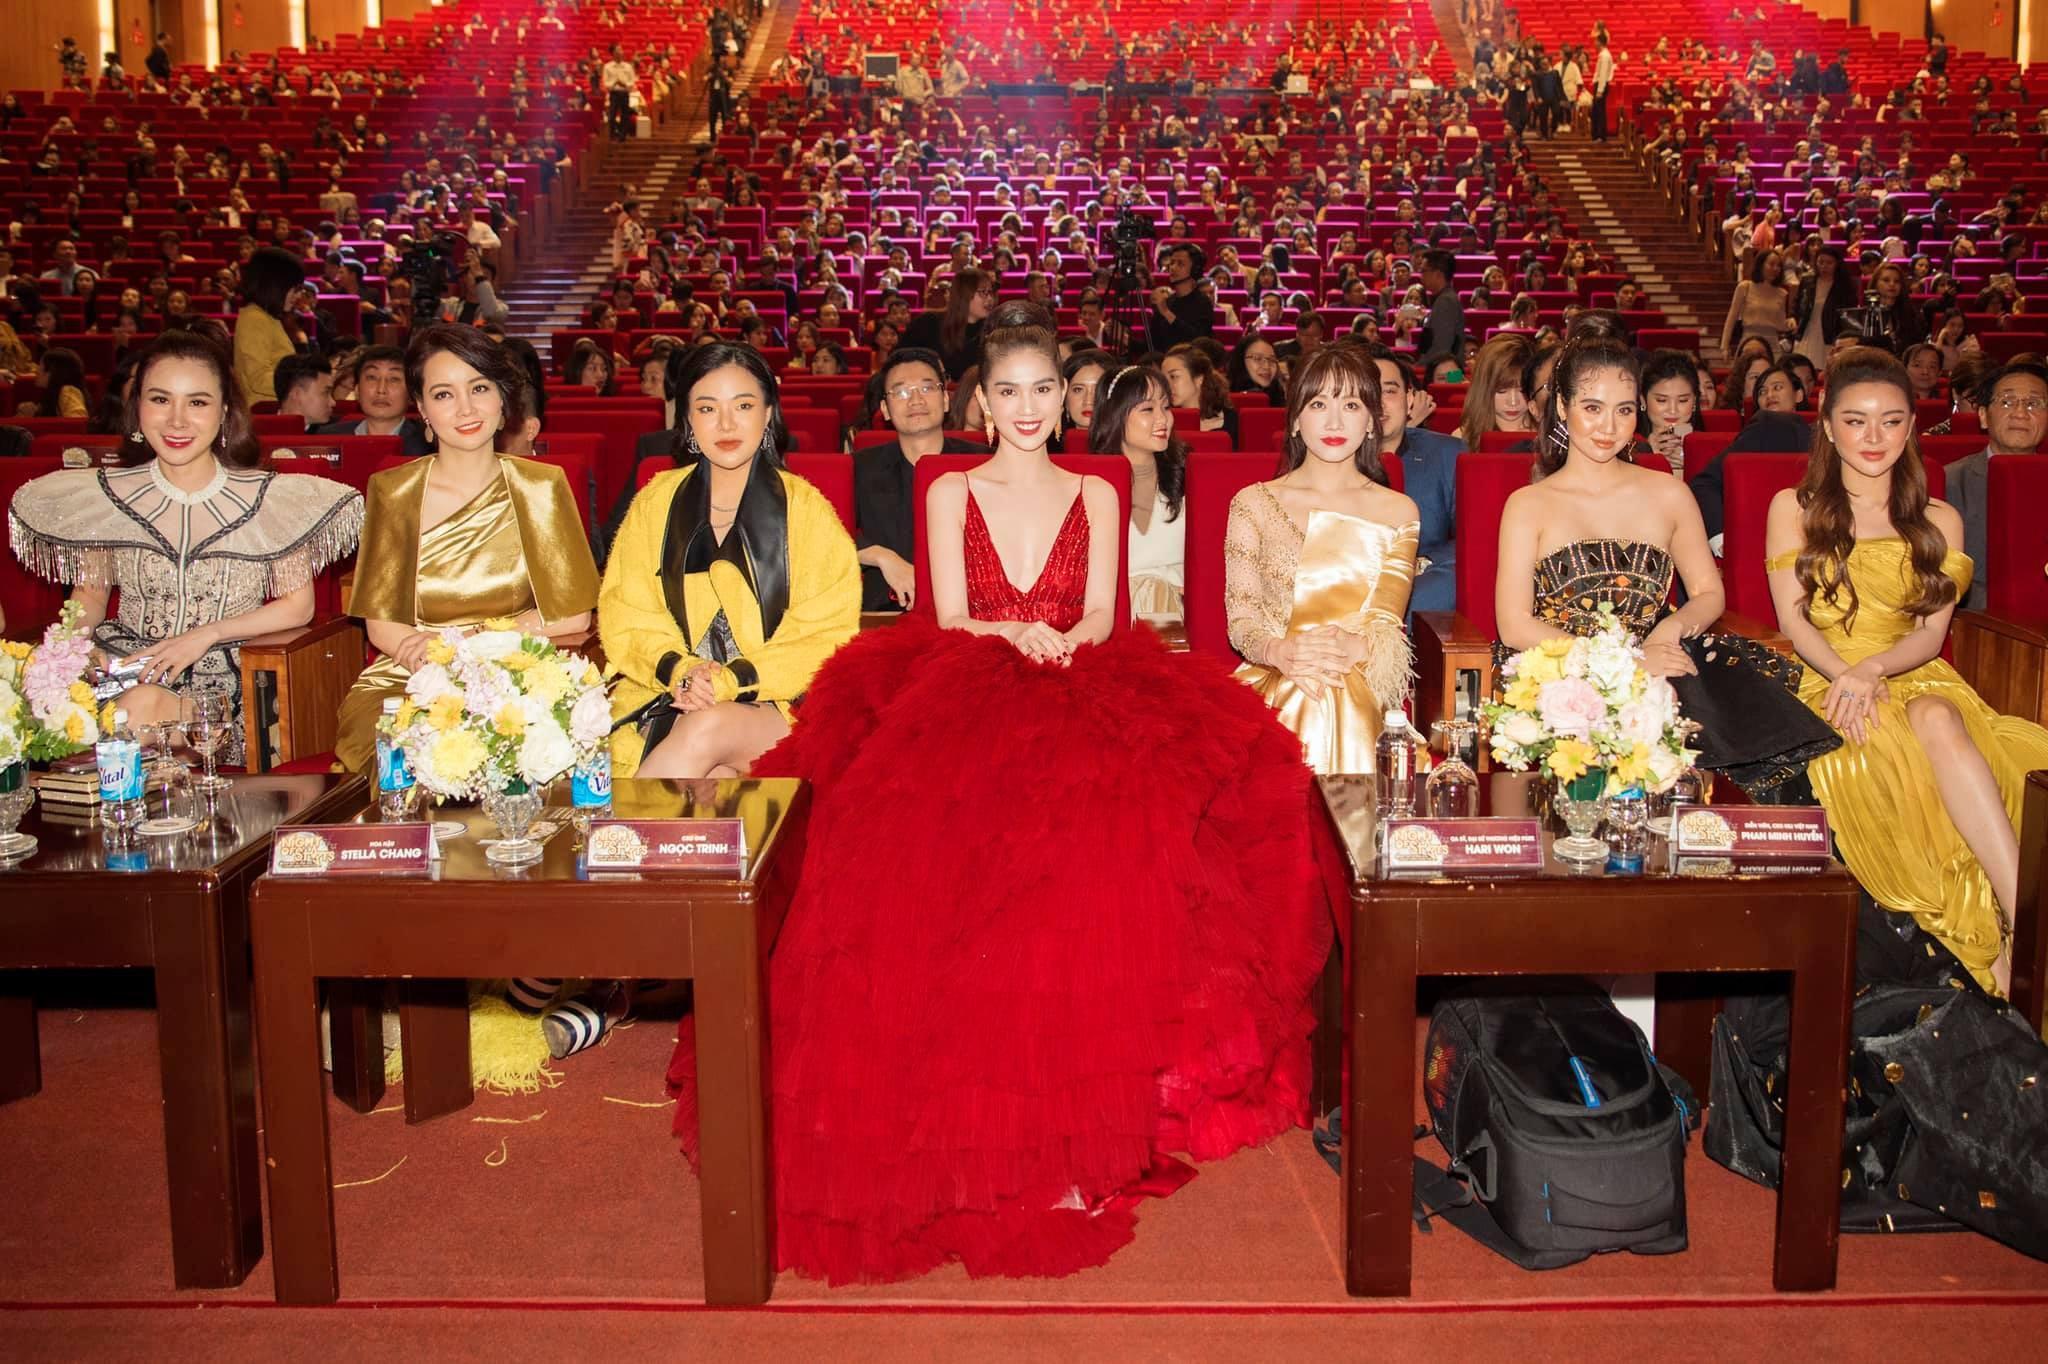 Chán hở bạo, Ngọc Trinh diện váy đỏ hóa thành công chúa lộng lẫy Ảnh 3